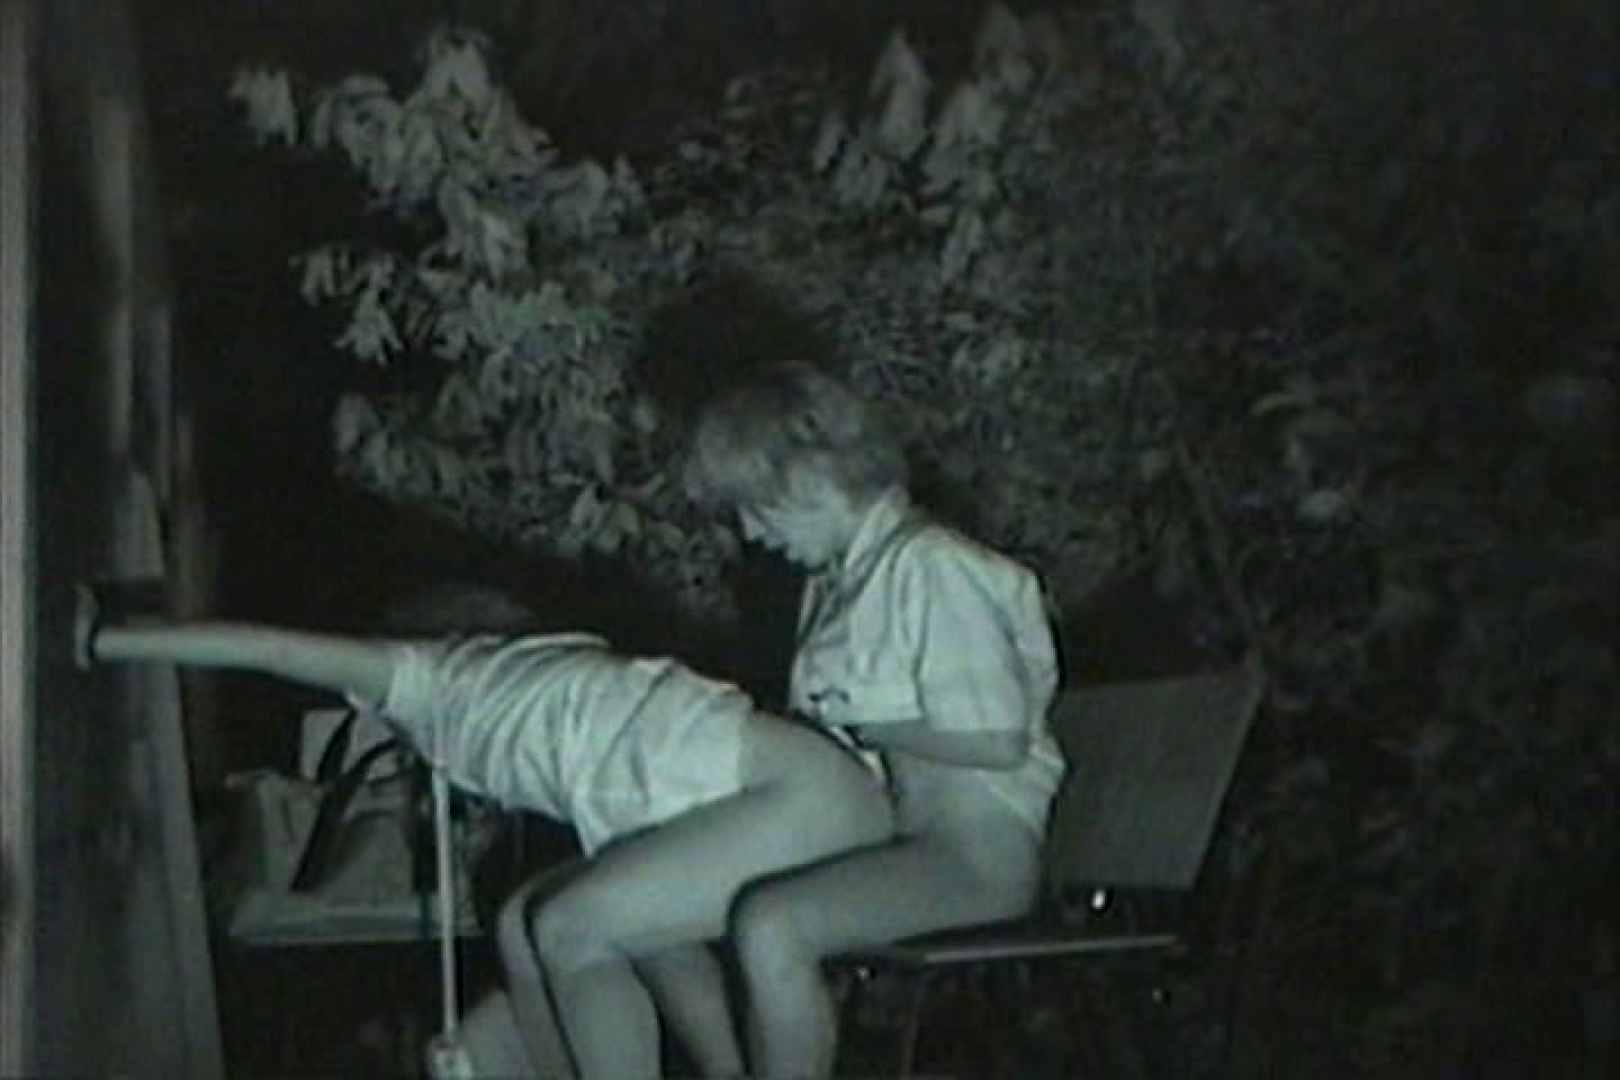 闇の仕掛け人 無修正版 Vol.24 ホテル ワレメ無修正動画無料 55画像 44